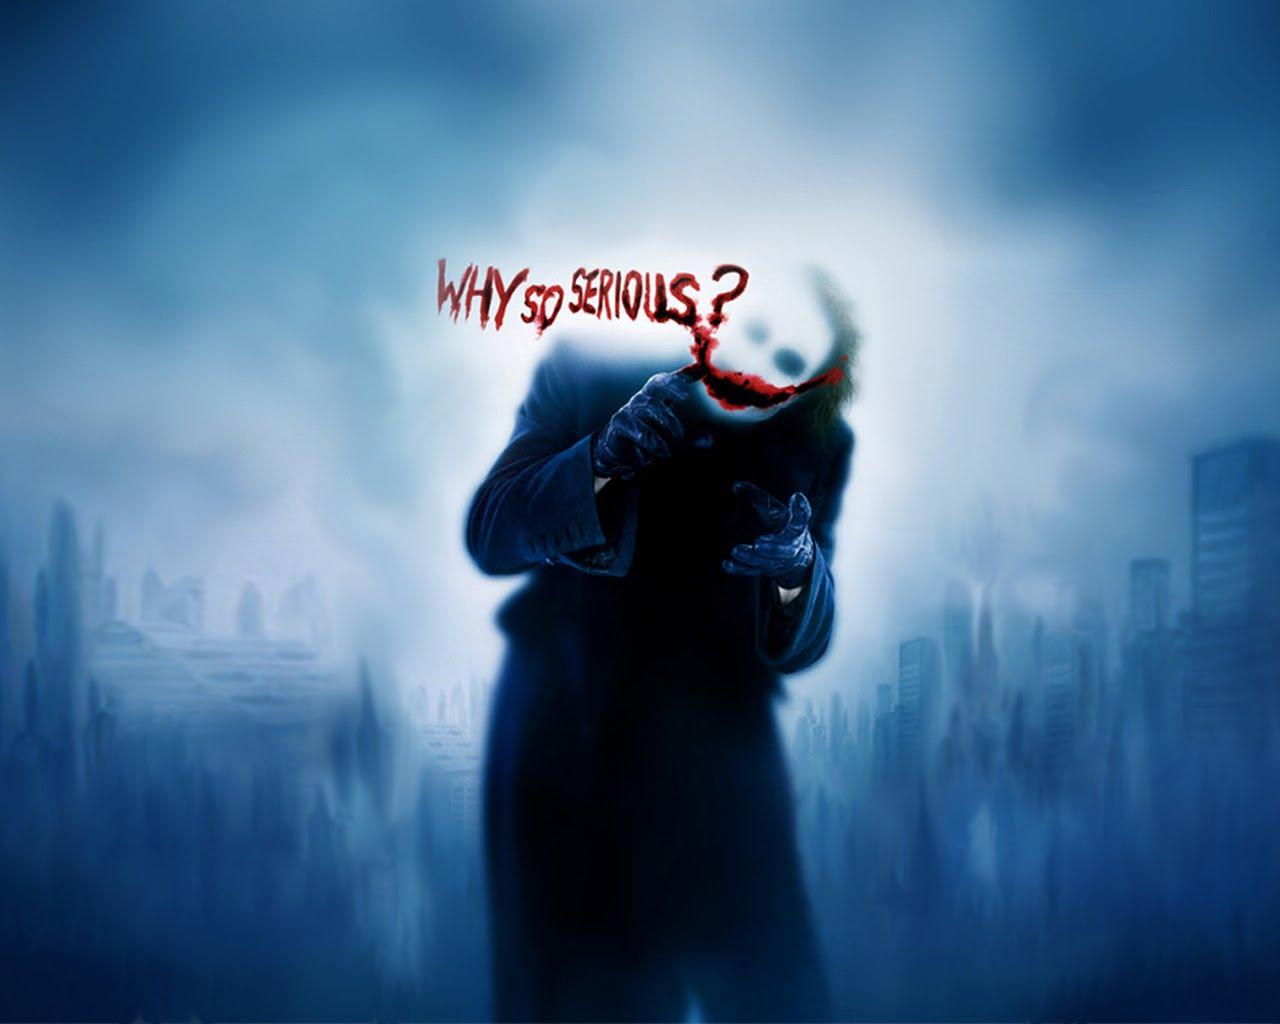 http://4.bp.blogspot.com/_nD_YgZuOadA/TIwEl2FaYdI/AAAAAAAAAZQ/-kGQS6szrZ0/s1600/The-Joker-the-joker-1457929-1280-1024.jpg